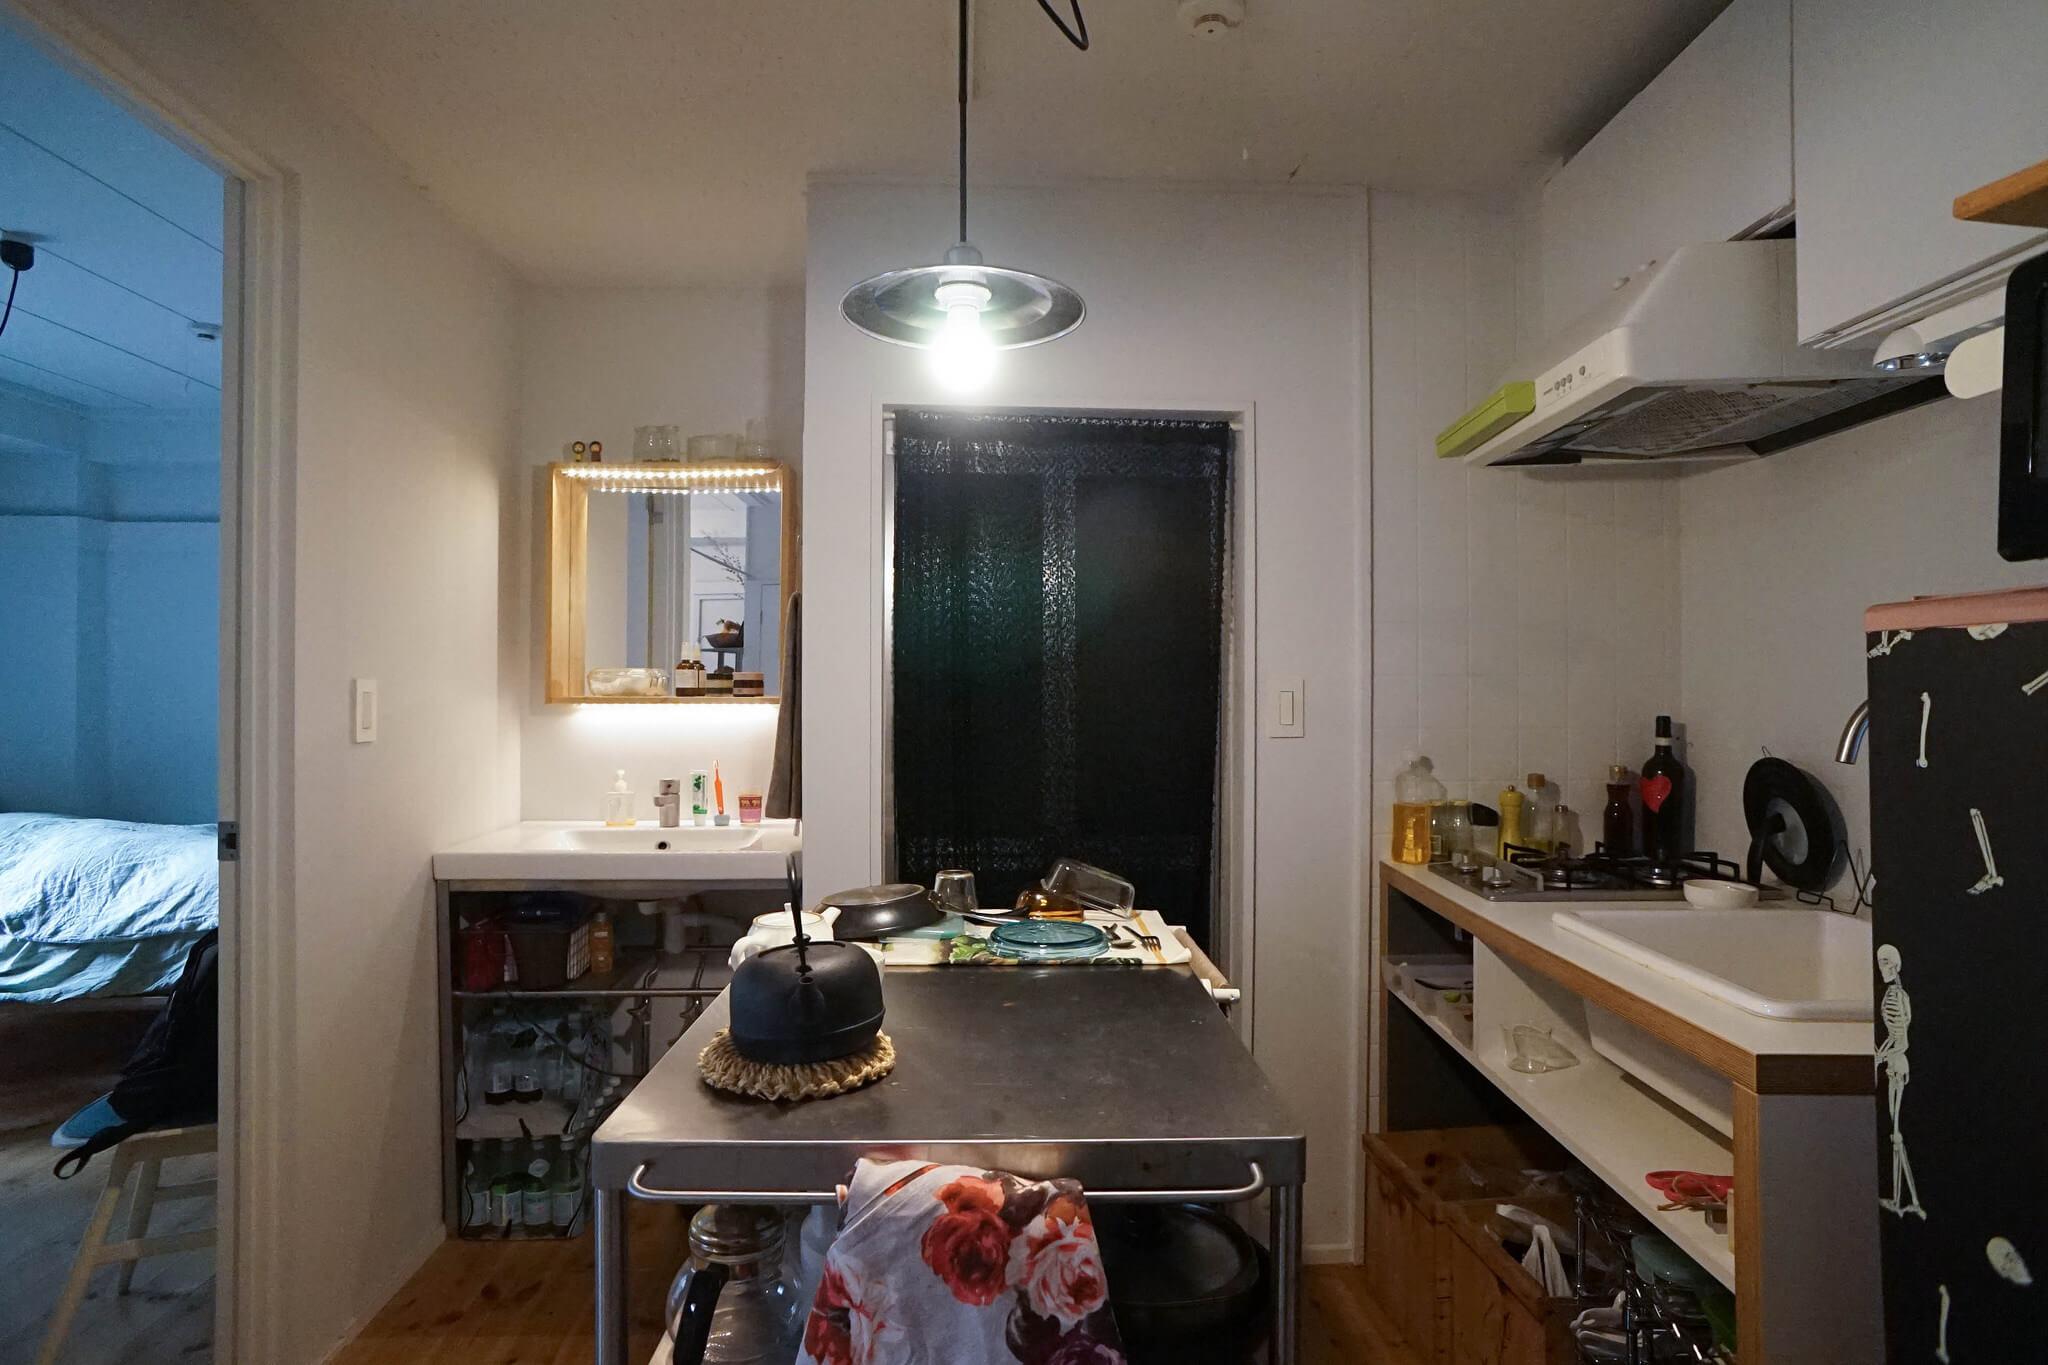 今の部屋、キッチンと洗面台は新しいものに交換されています。